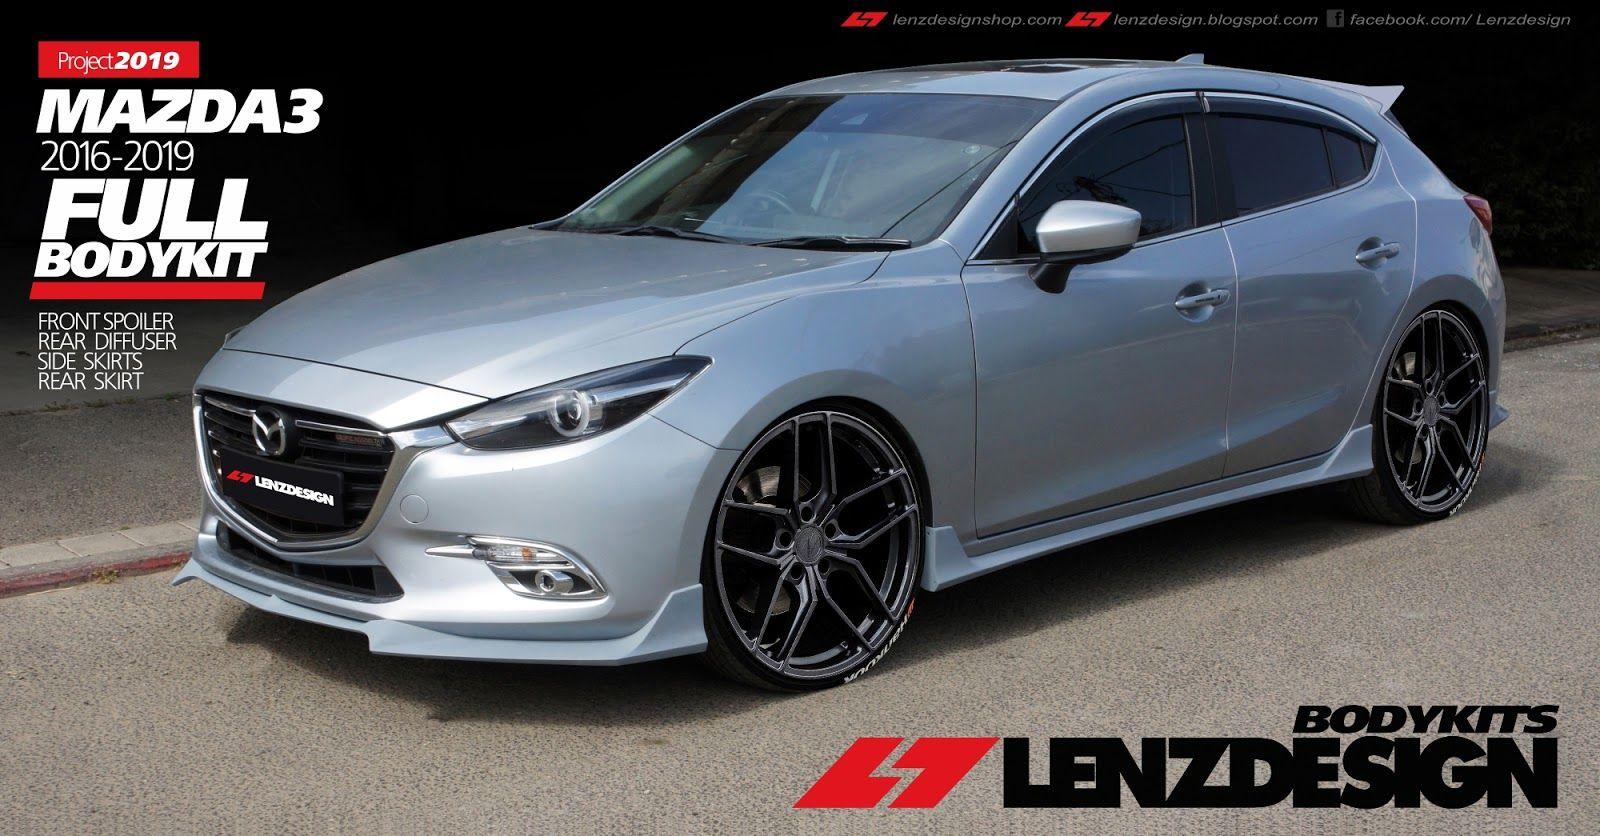 Kekurangan Mazda 3 Bm Top Model Tahun Ini